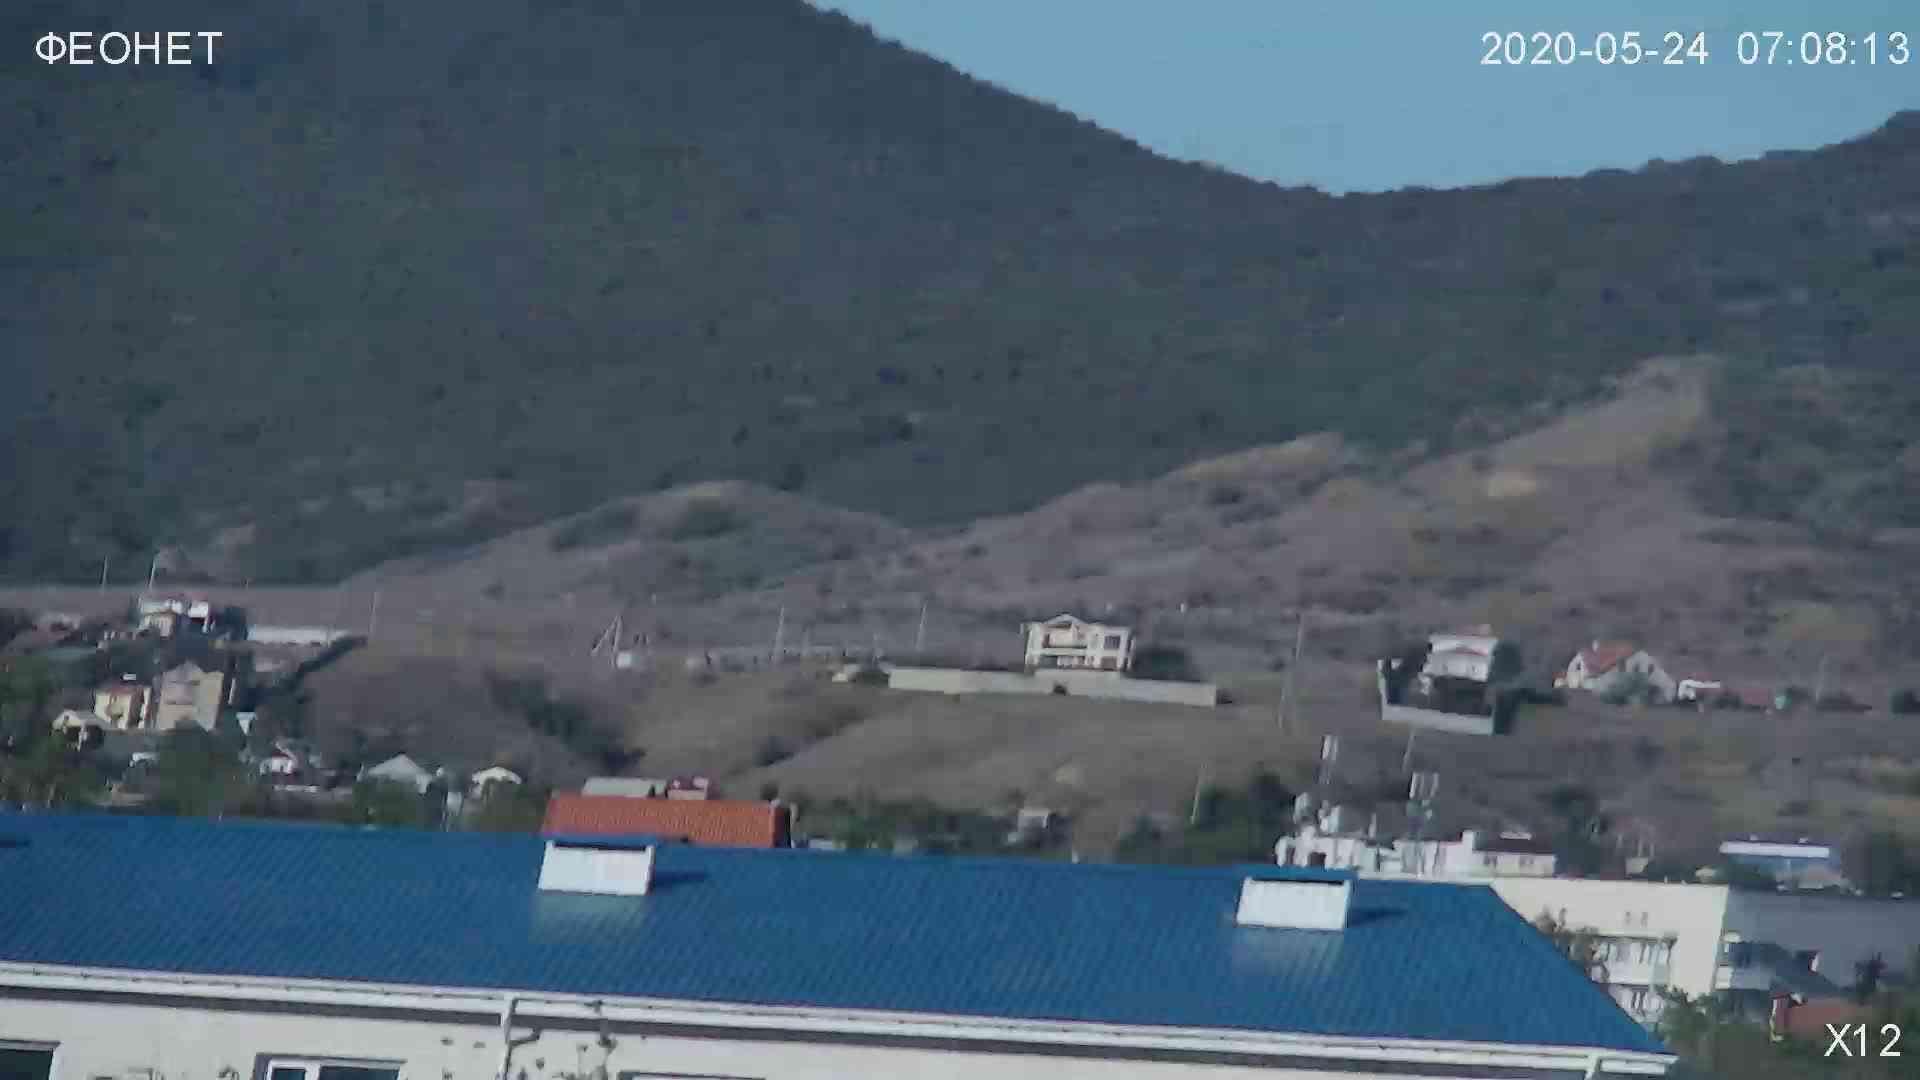 Веб-камеры Феодосии, Обзорная камера в Коктебеле, 2020-05-24 07:09:44